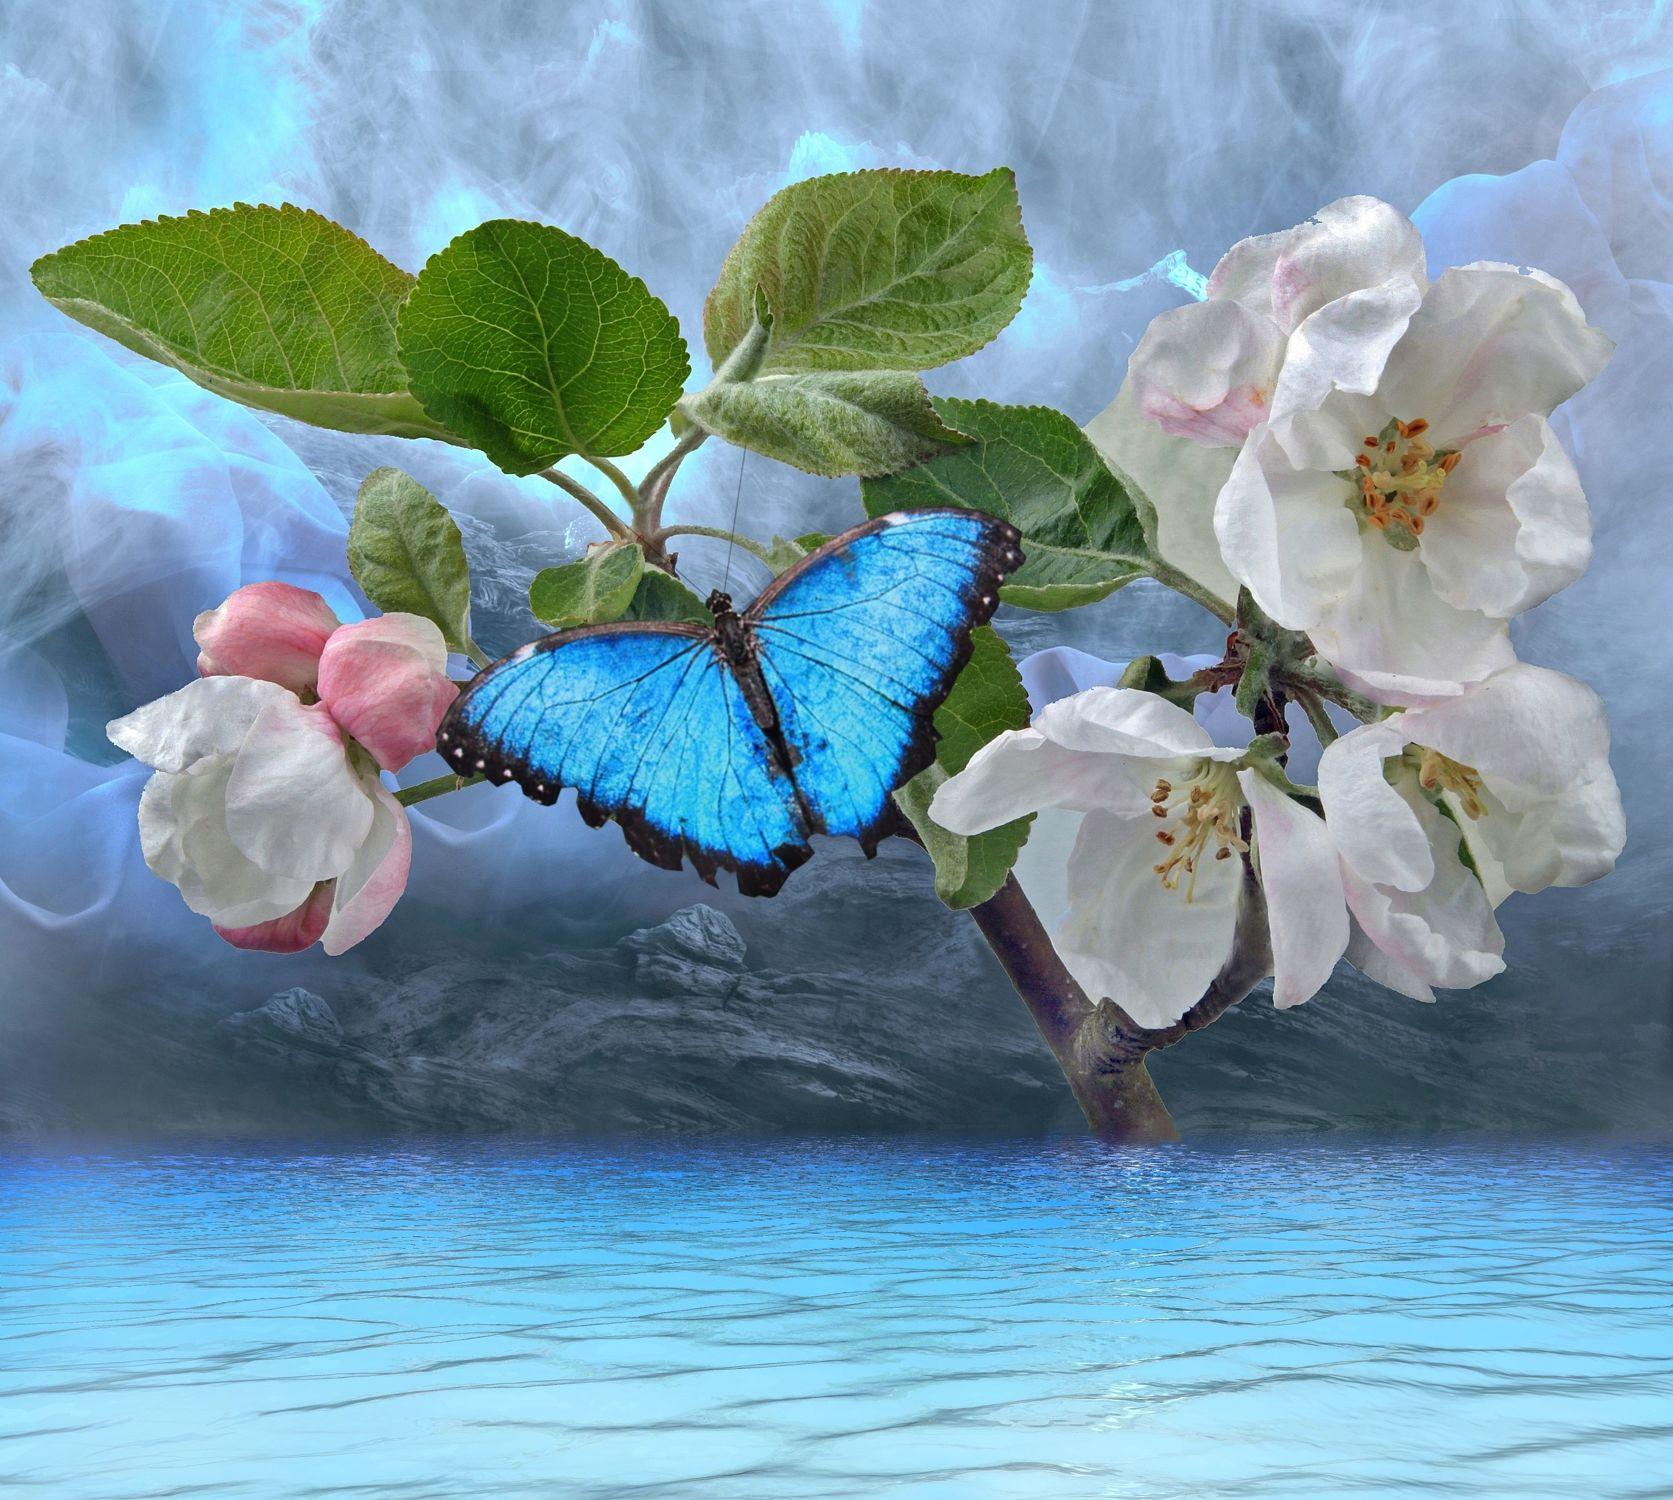 Bild mit Wasser, Pflanzen, Himmel, Wolken, Blumen, Baum, Blume, Pflanze, See, Stilleben, Blüten, Schmetterling, blüte, Apfelblüte, Fluss, Wasserspiegelung